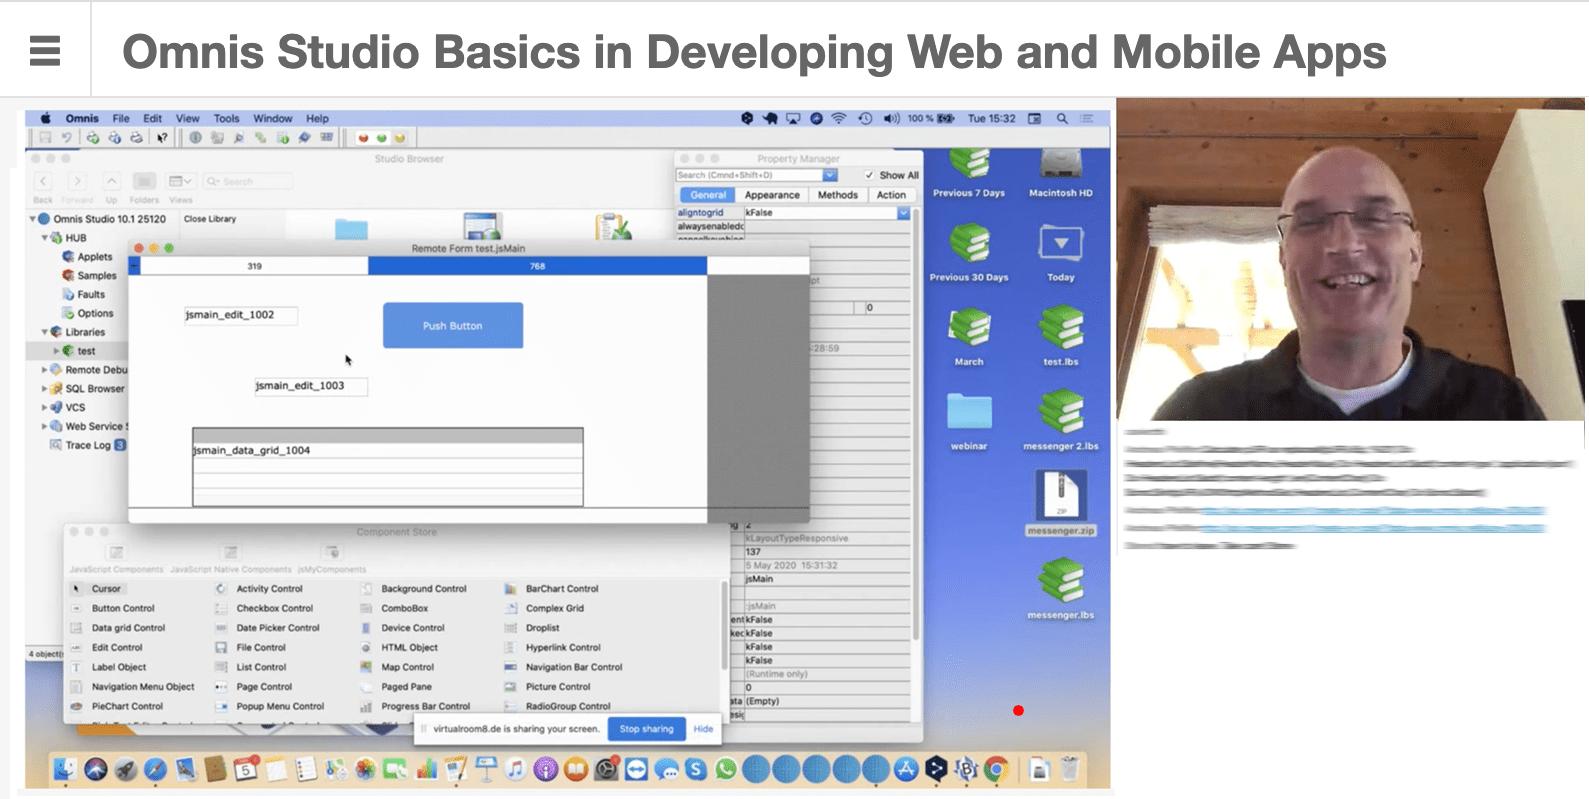 Omnis Studio Basics training course